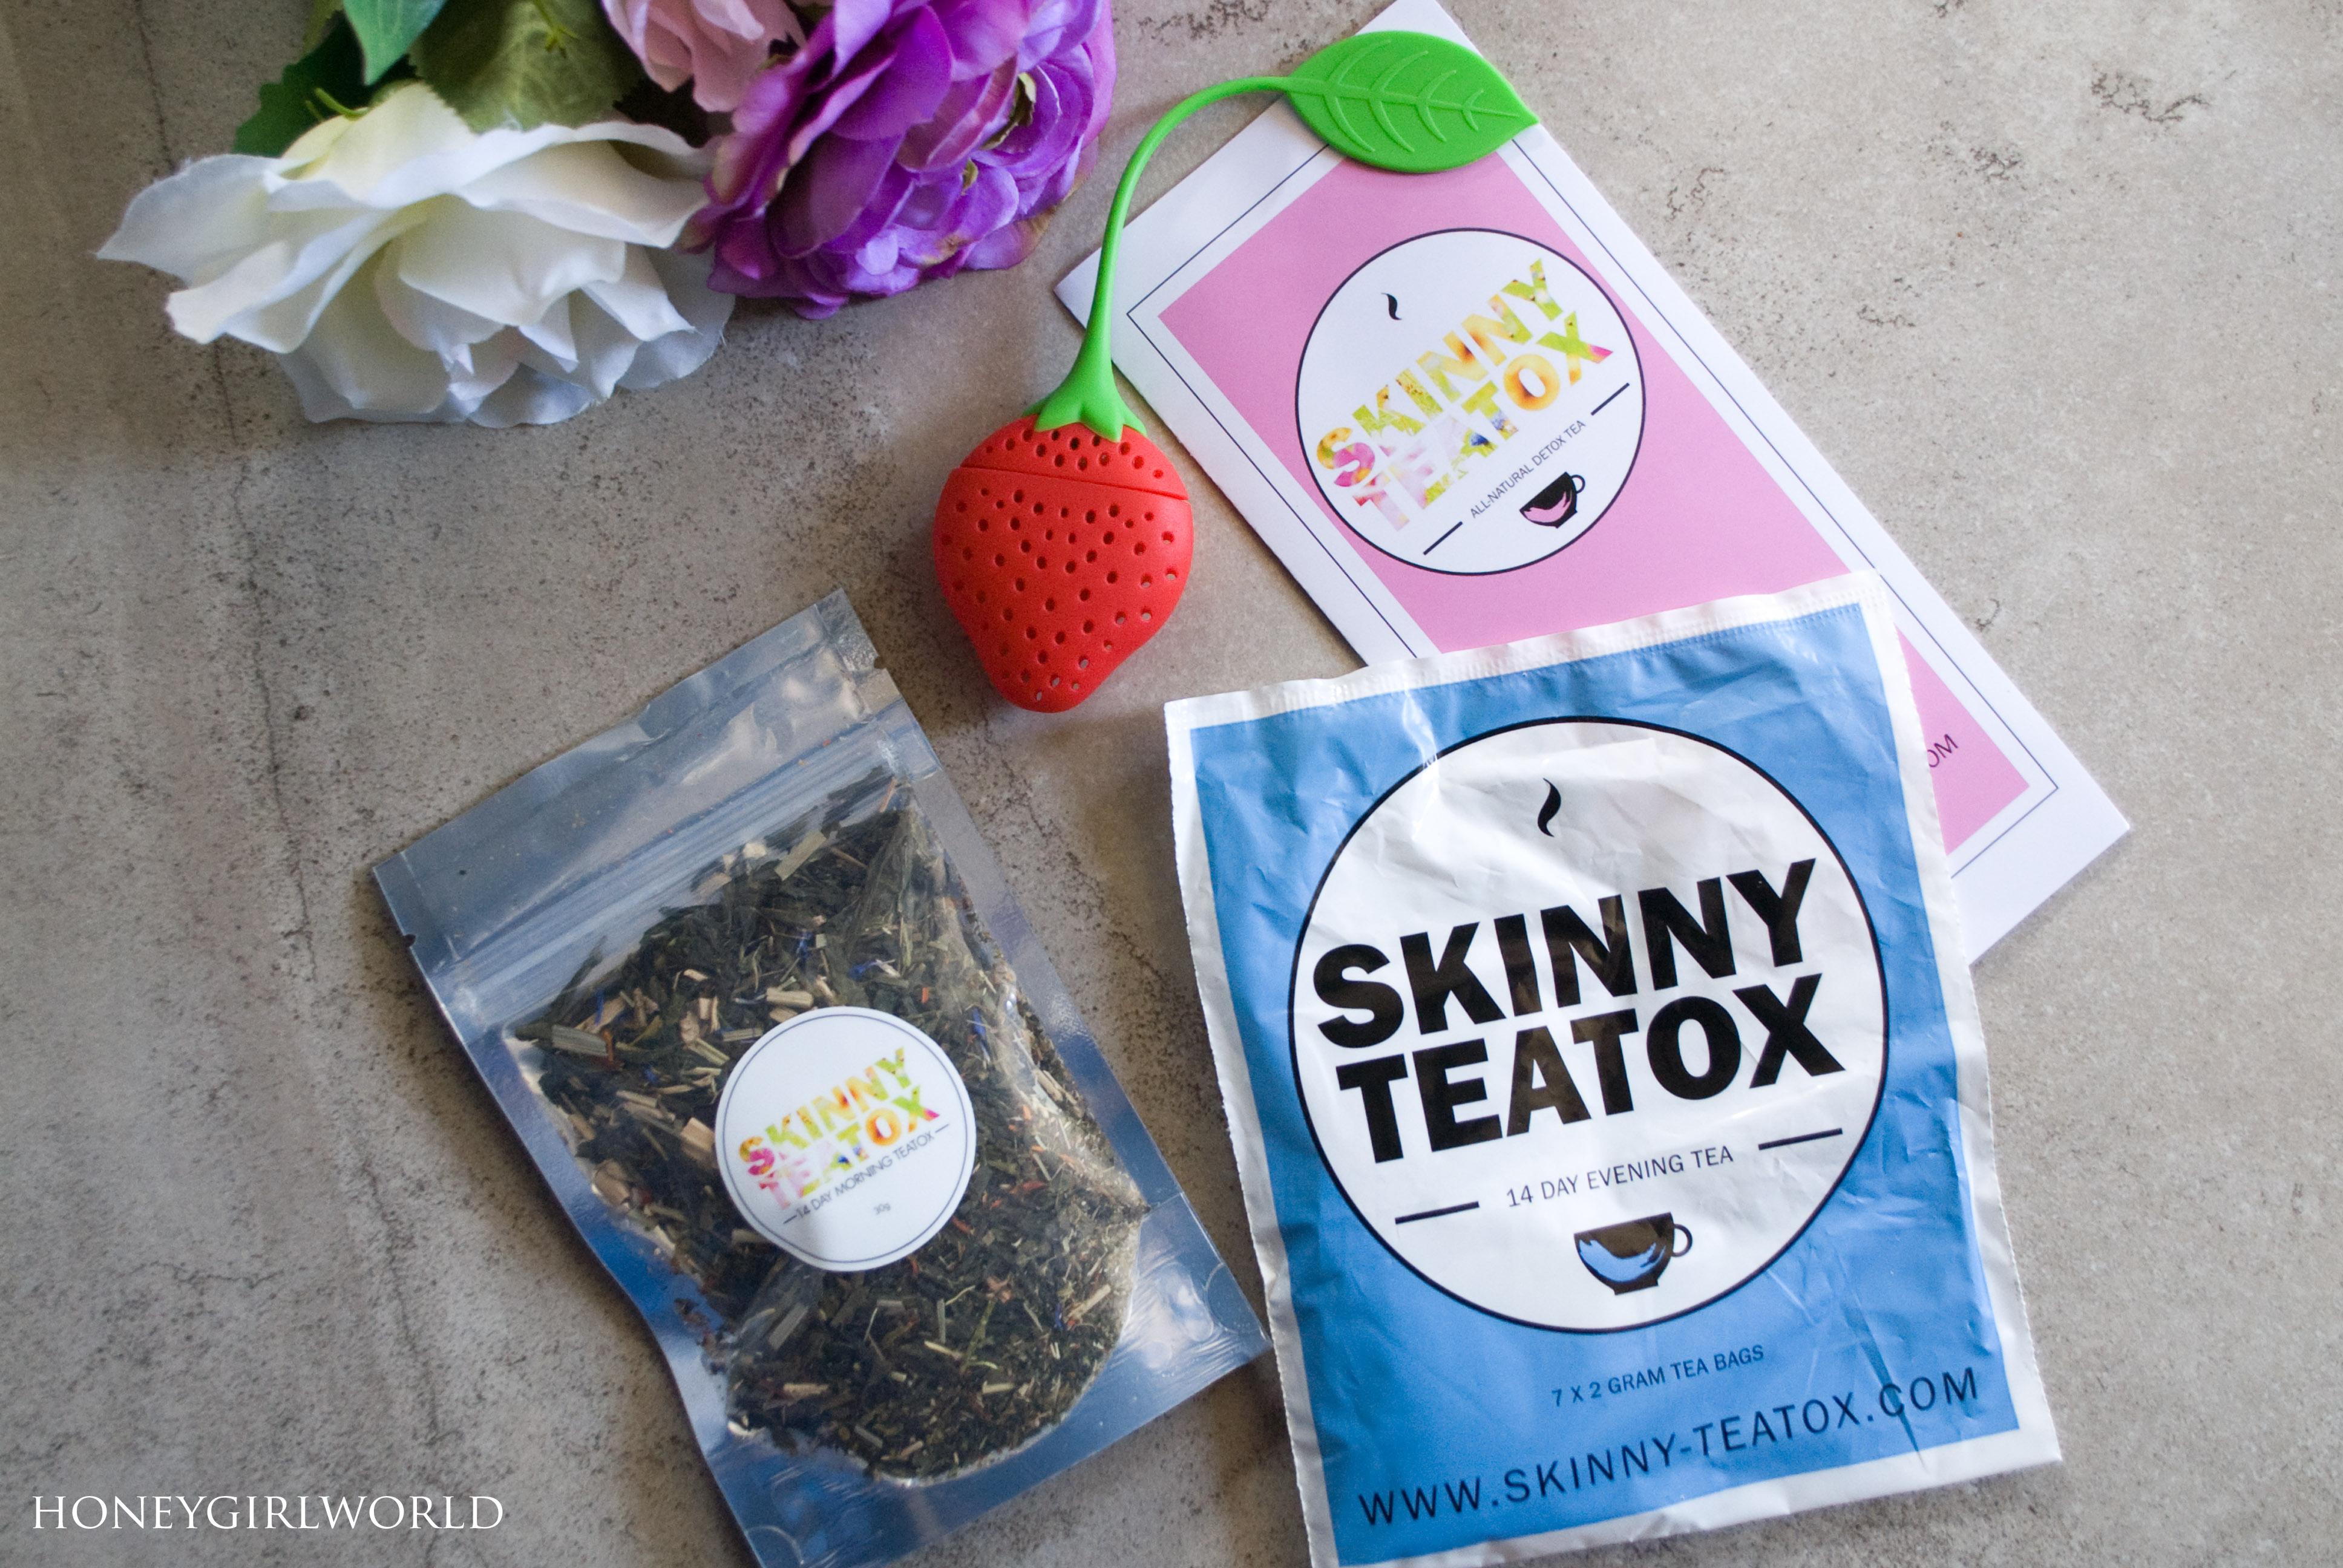 Skinny Teatox Detox Tea